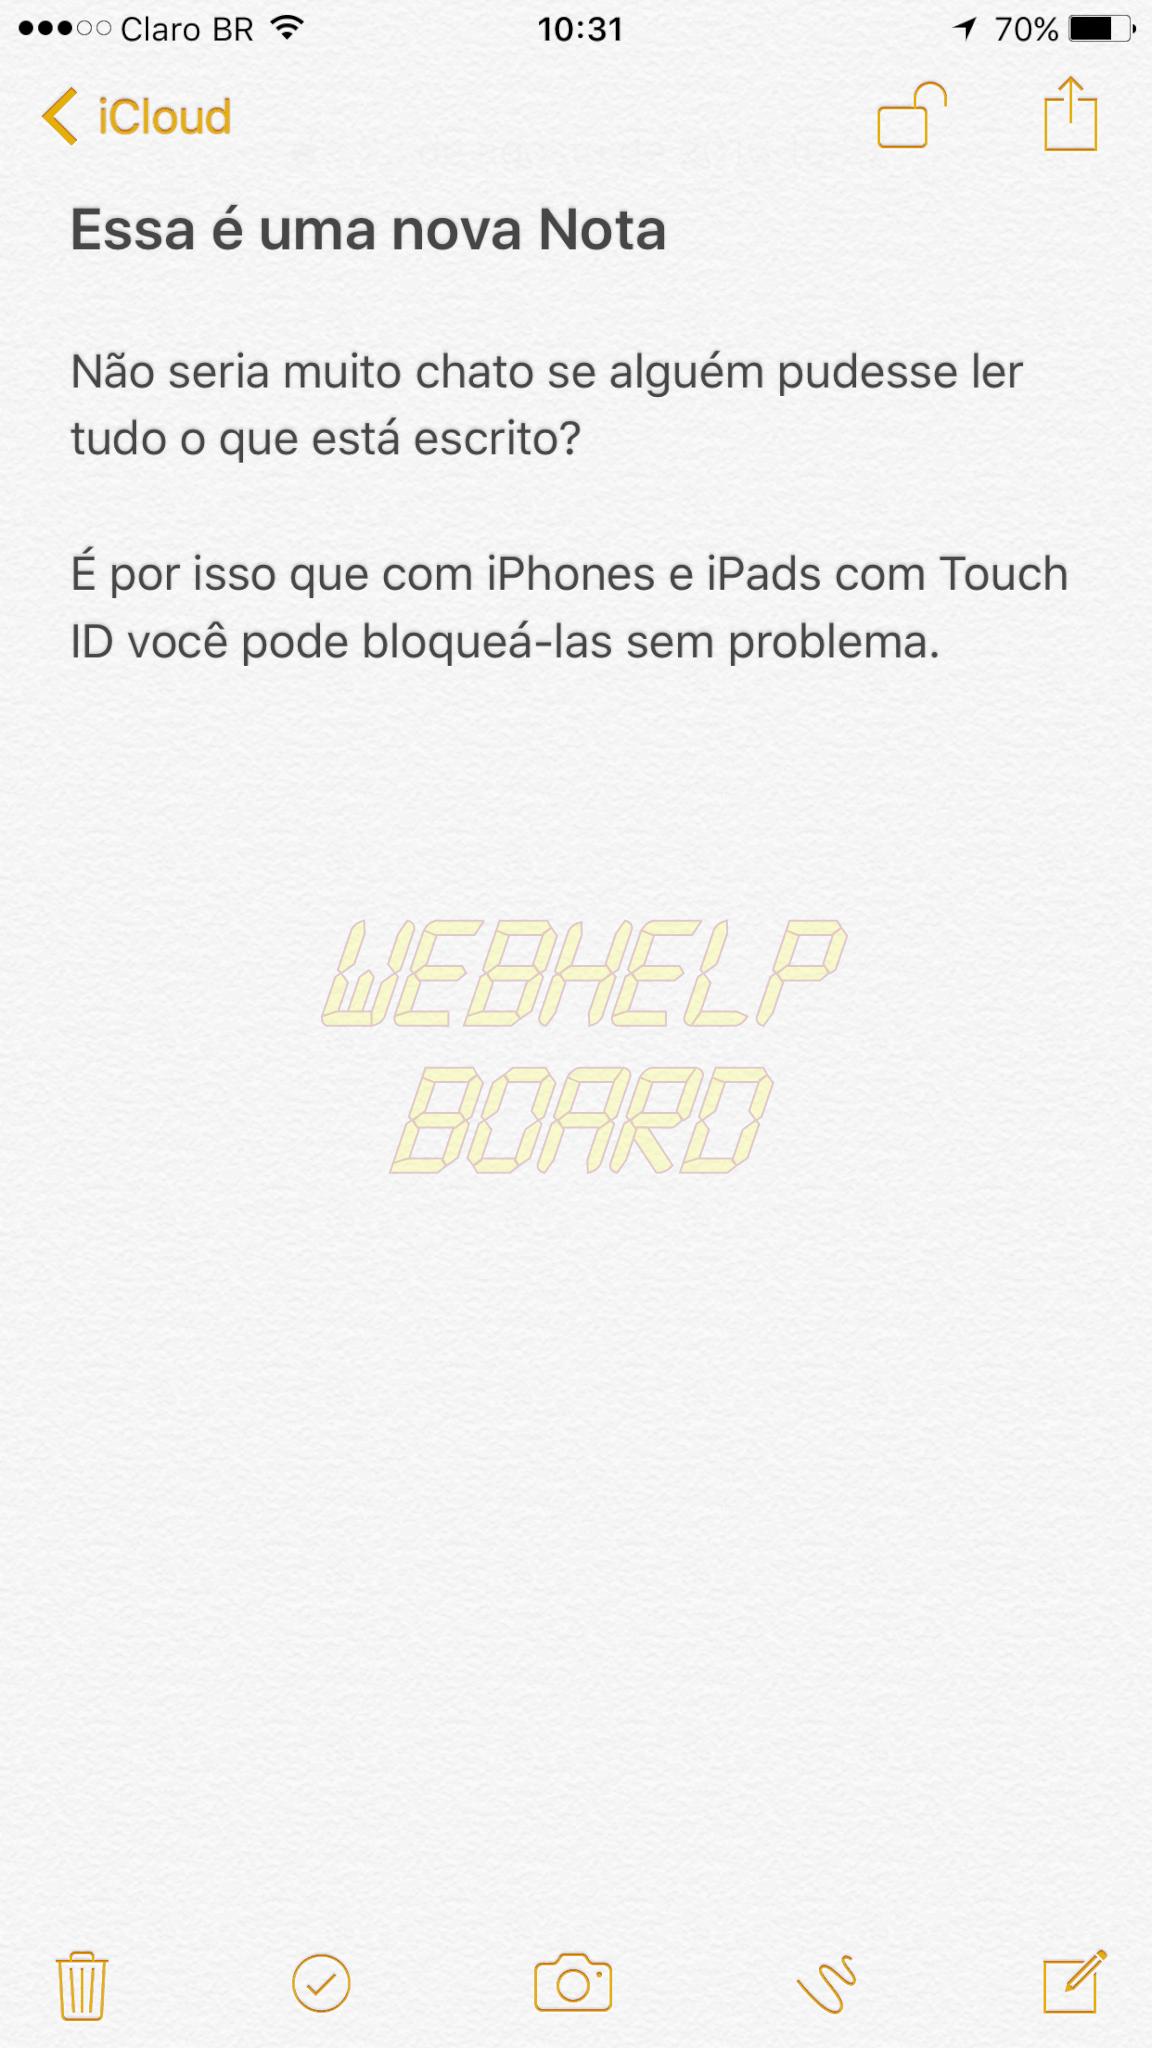 IMG 0786 - Tutorial: Como bloquear uma nota no iPhone ou iPad